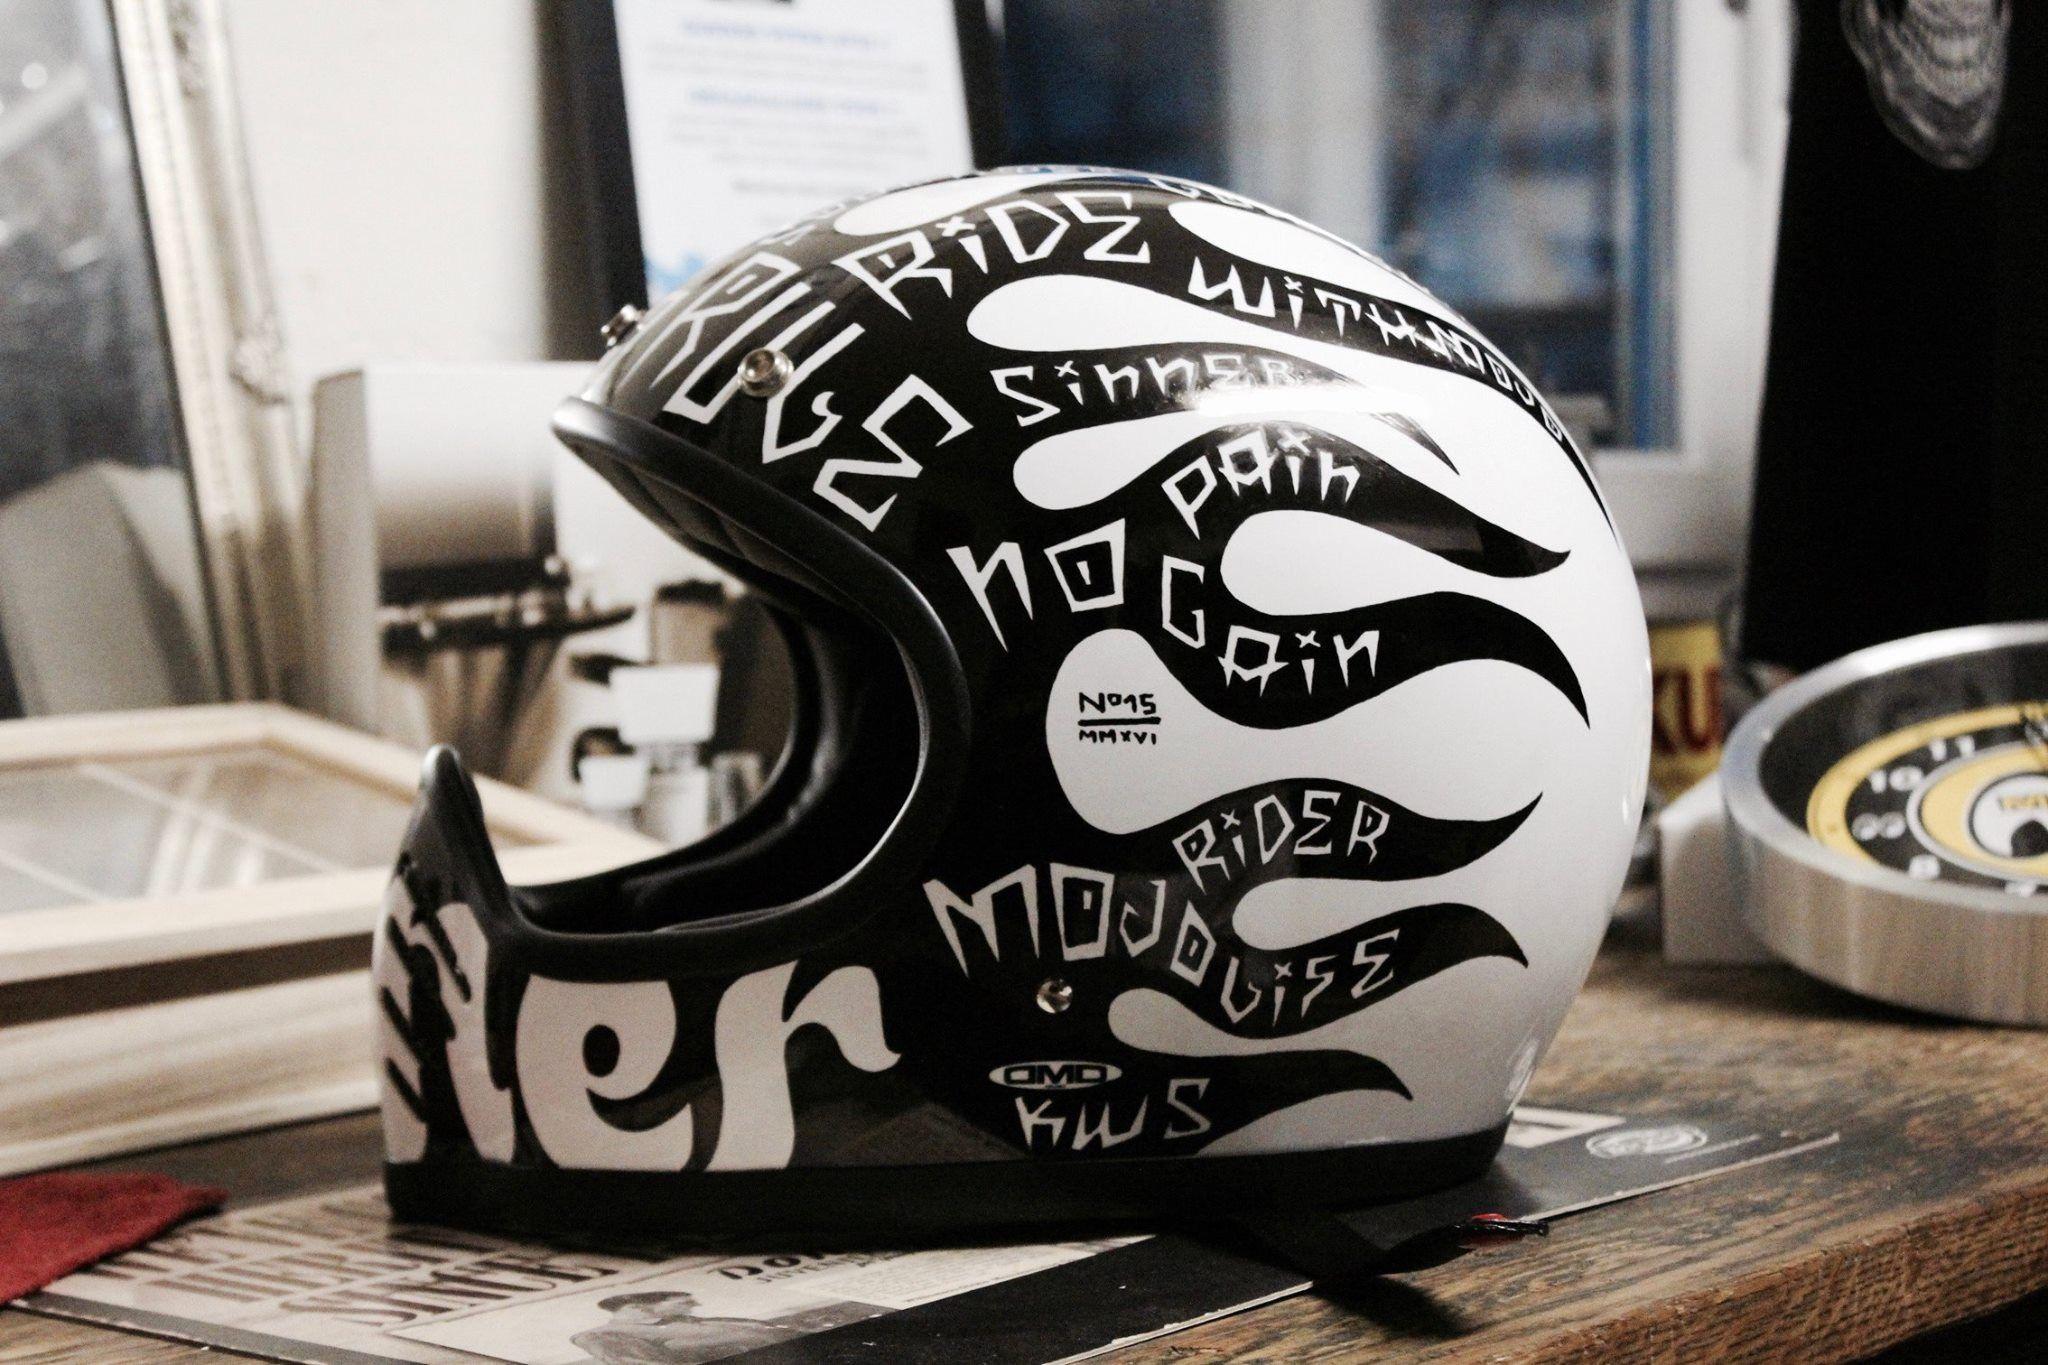 Casque Custom Dmd Seventy Five By Noise Aka 15 Custom Helmet Www Kustomworkshop Com Cb750 カフェレーサー カスタムペイント ヘルメット デザイン